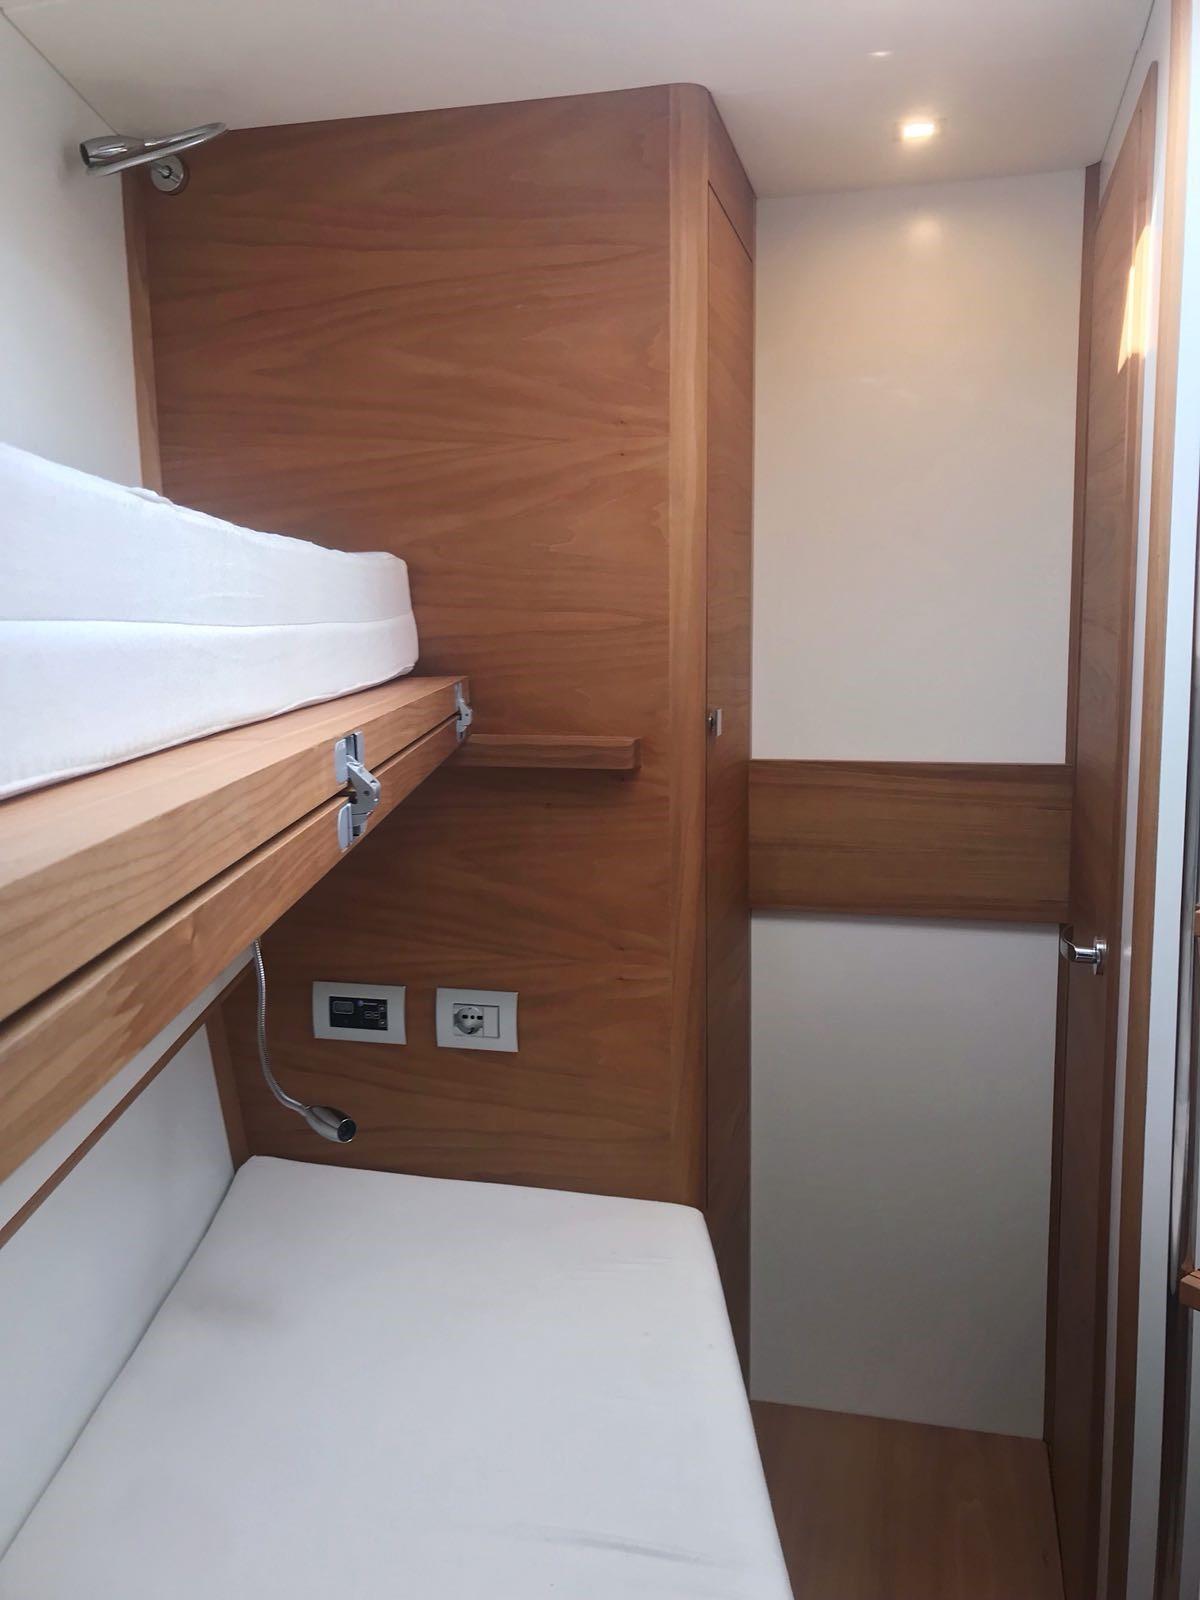 solaris 68 bunk beds